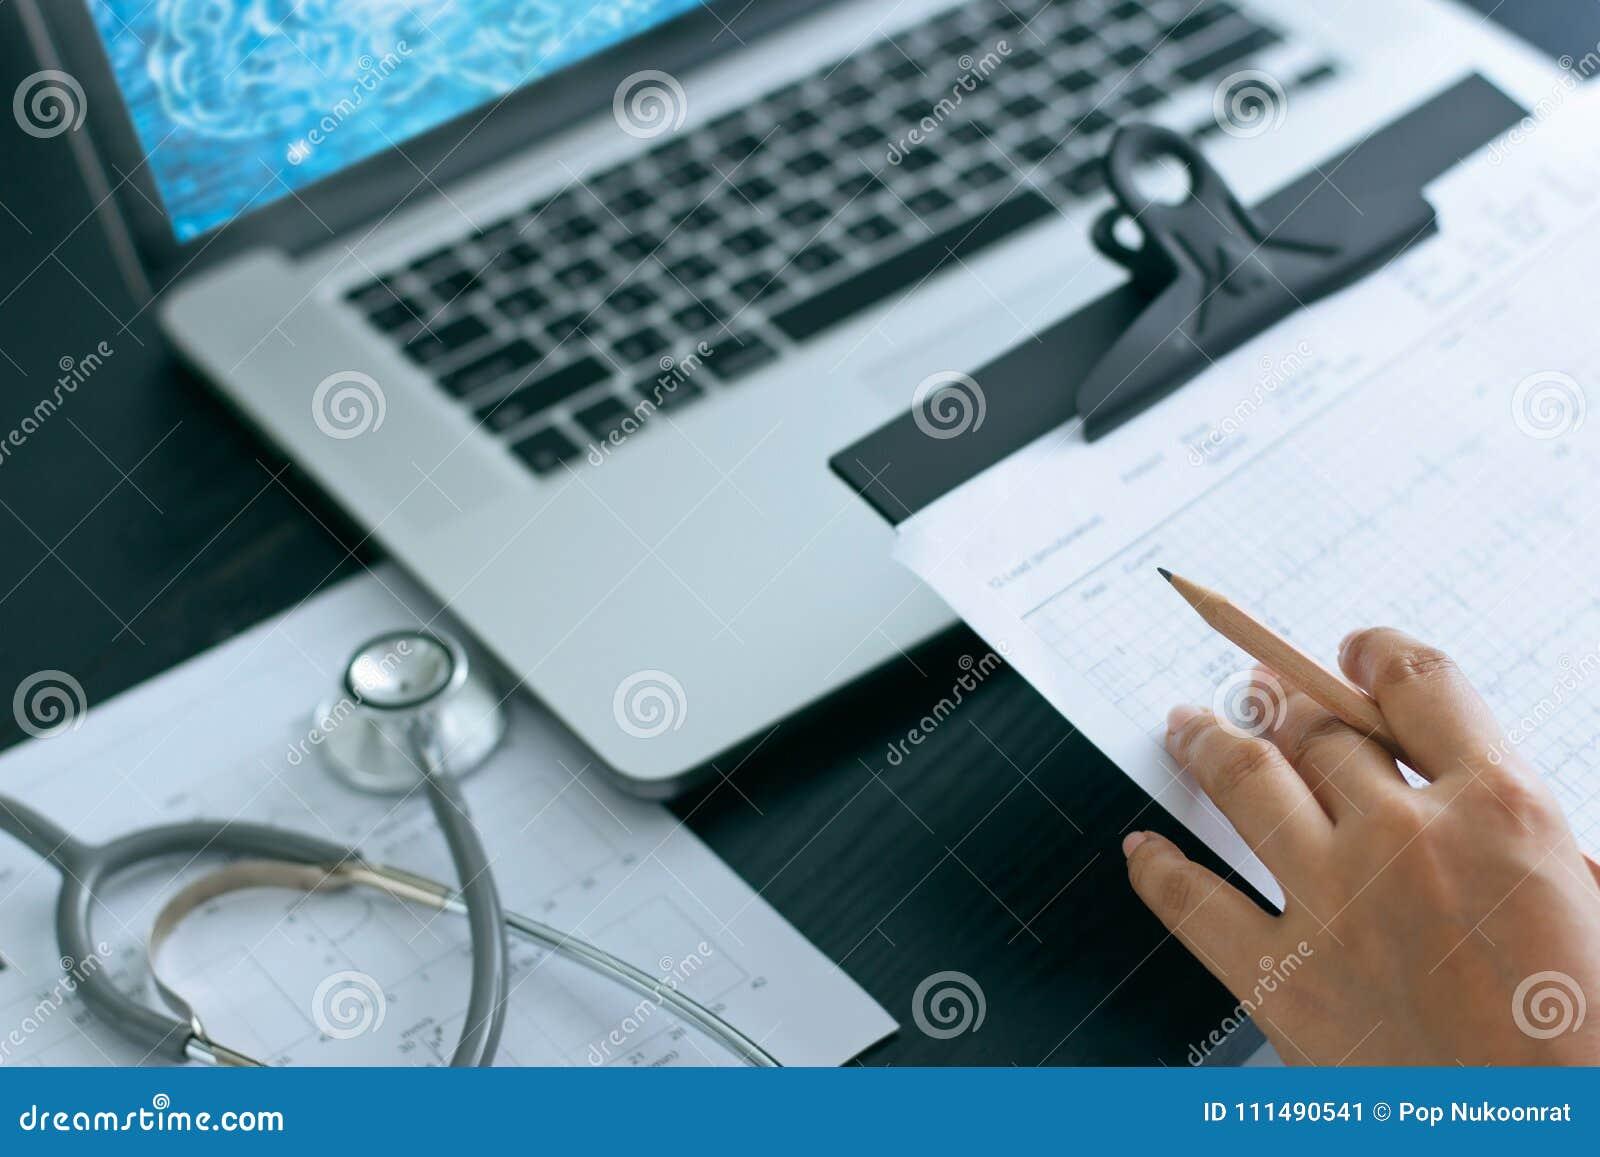 Arts met stethoscoop op rapportgrafiek, die met labtop werken